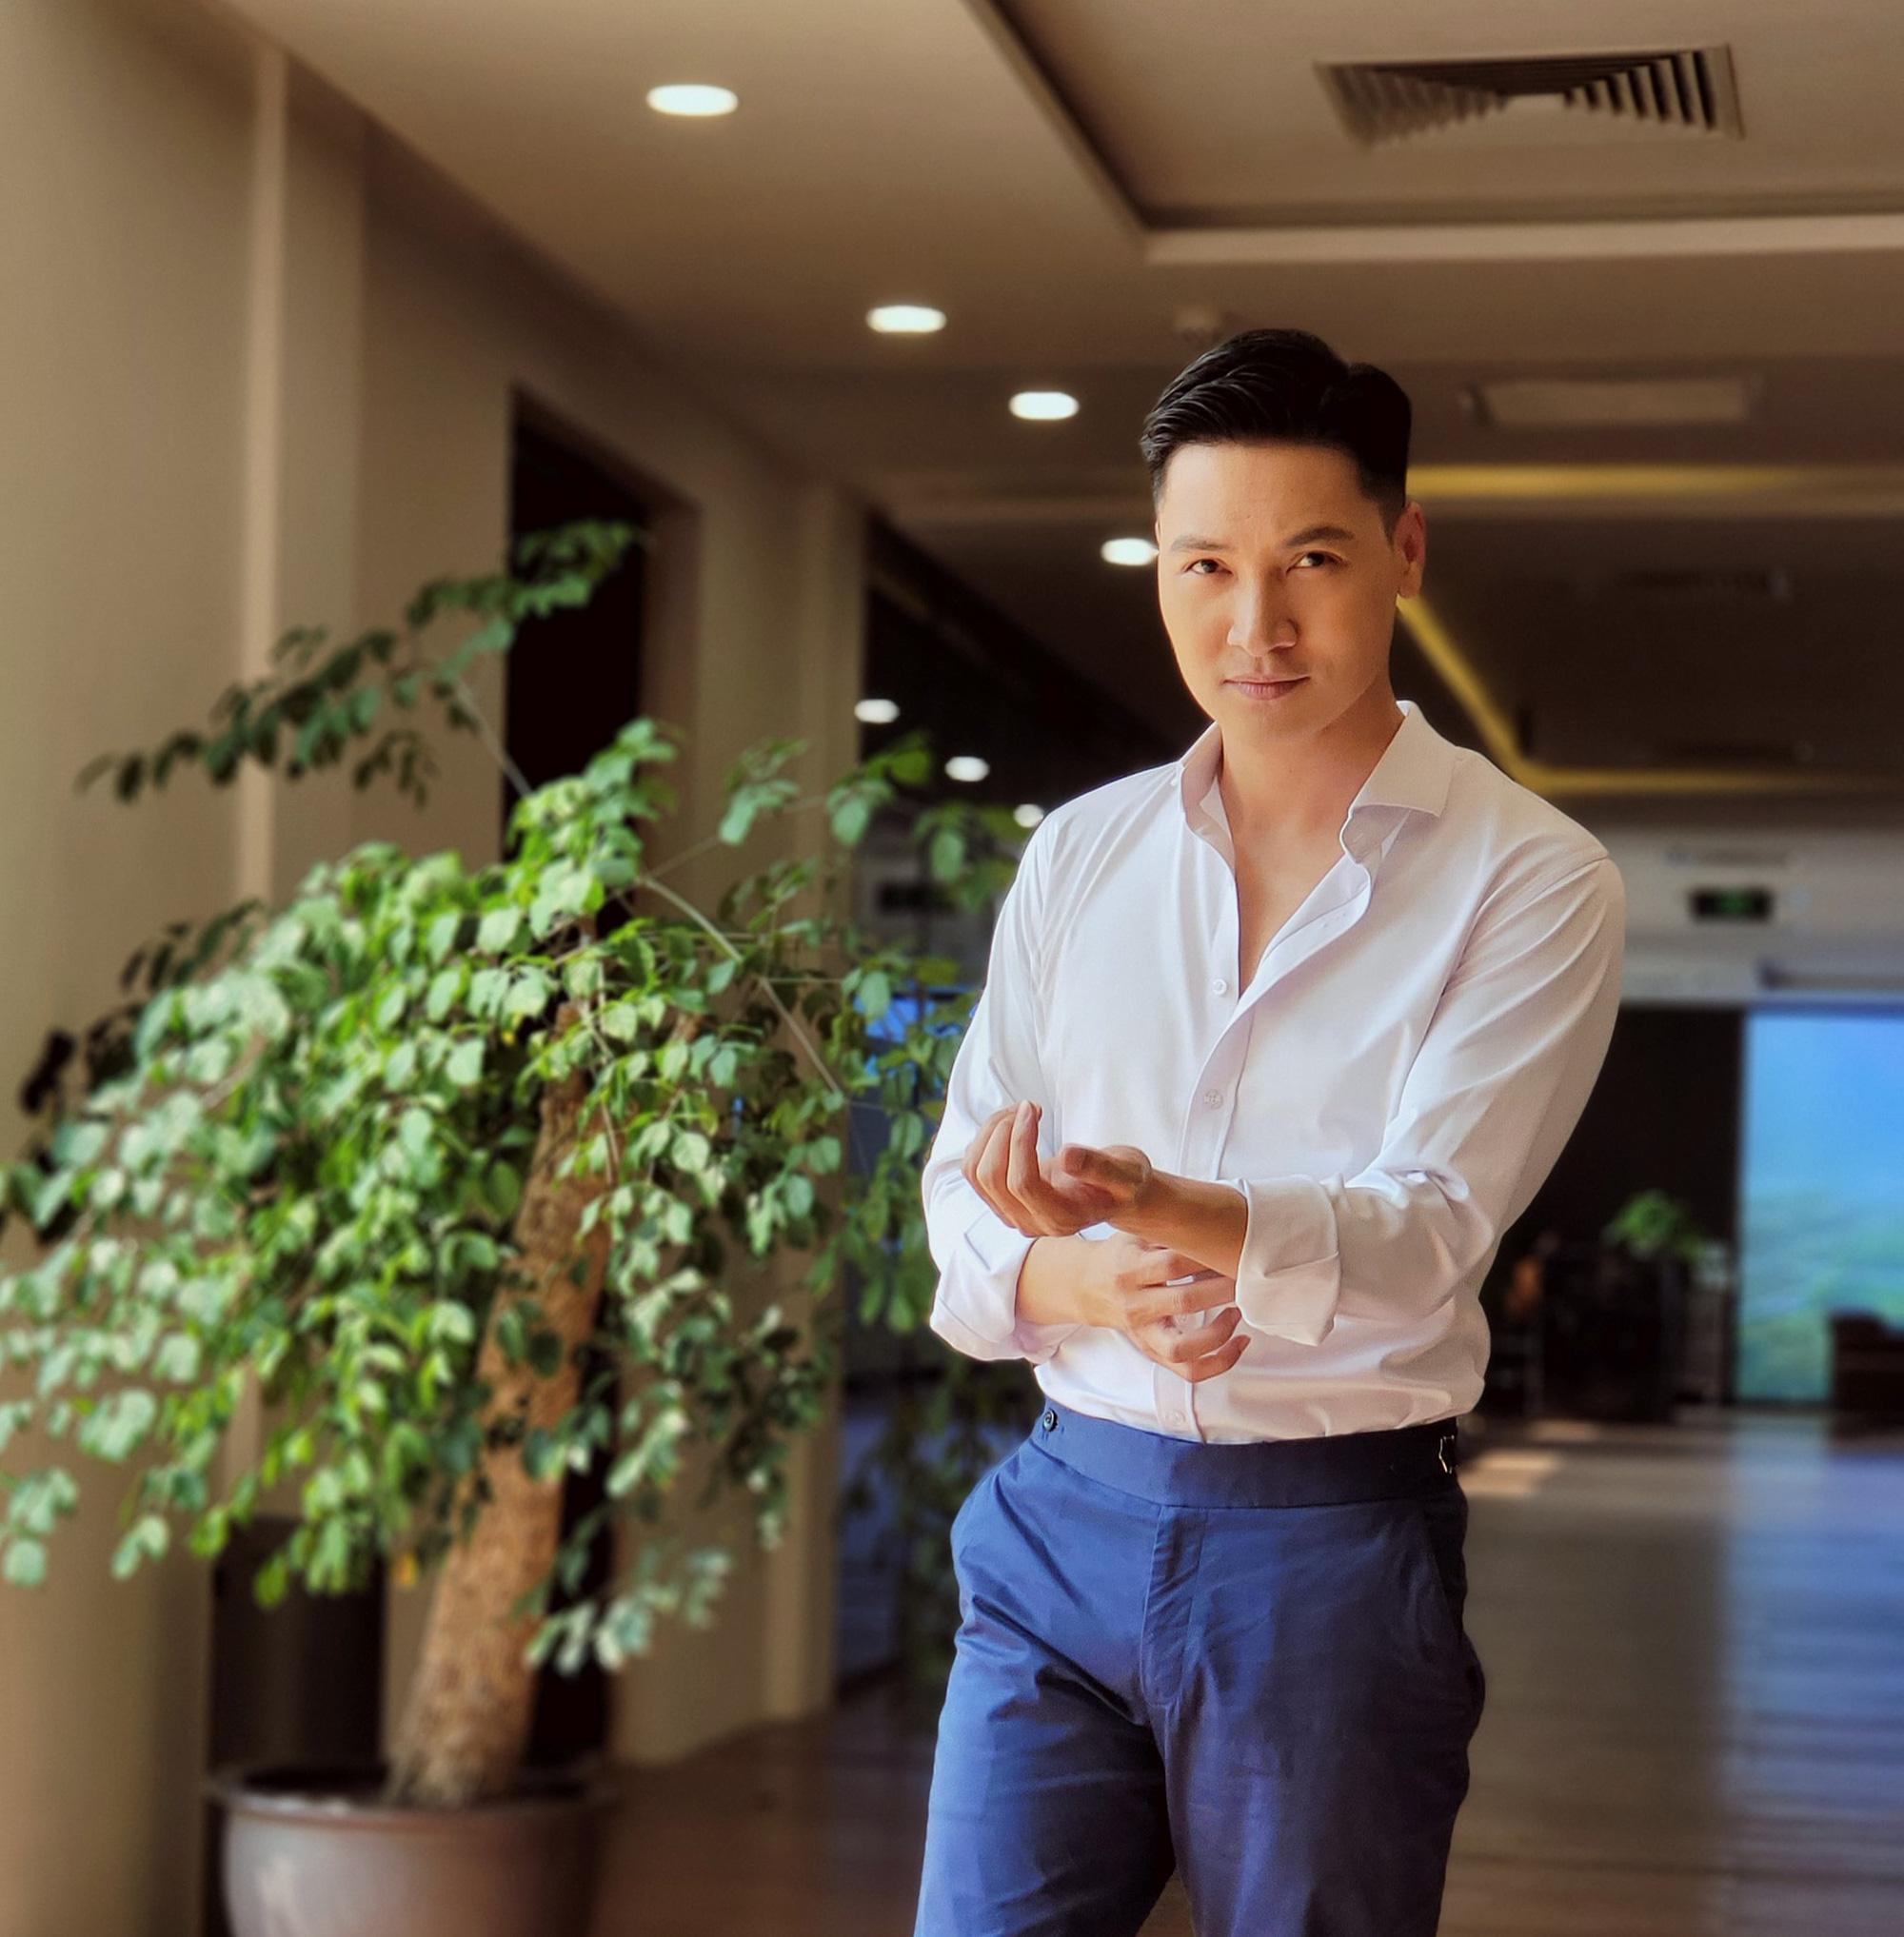 Đông đảo nghệ sĩ gửi lời chúc mừng sinh nhật lần thứ 11 của báo Dân Việt - Ảnh 6.